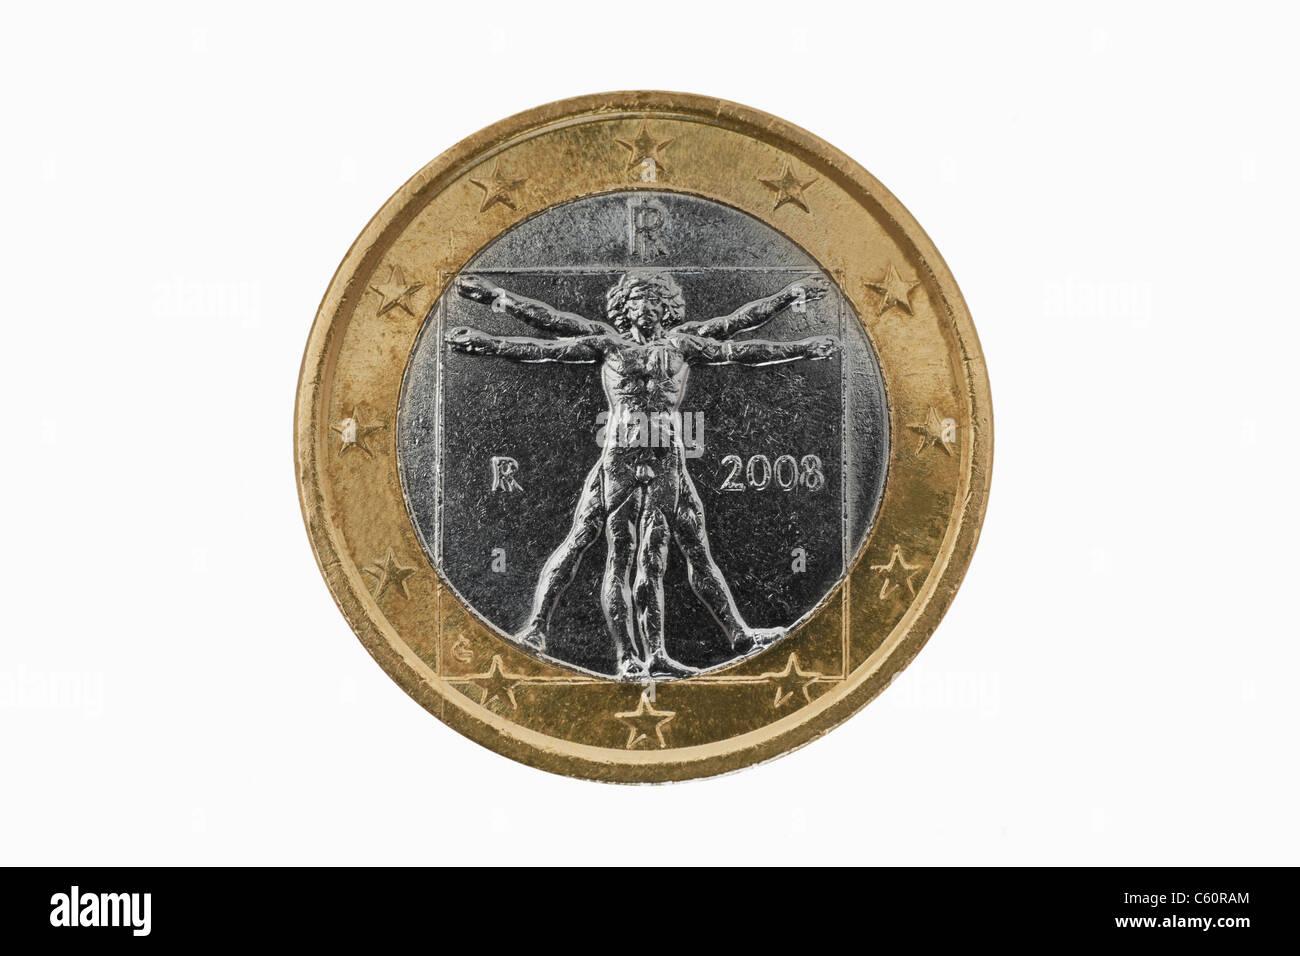 Detailansicht Der Rückseite Einer 1 Euro Münze Aus Italien Detail